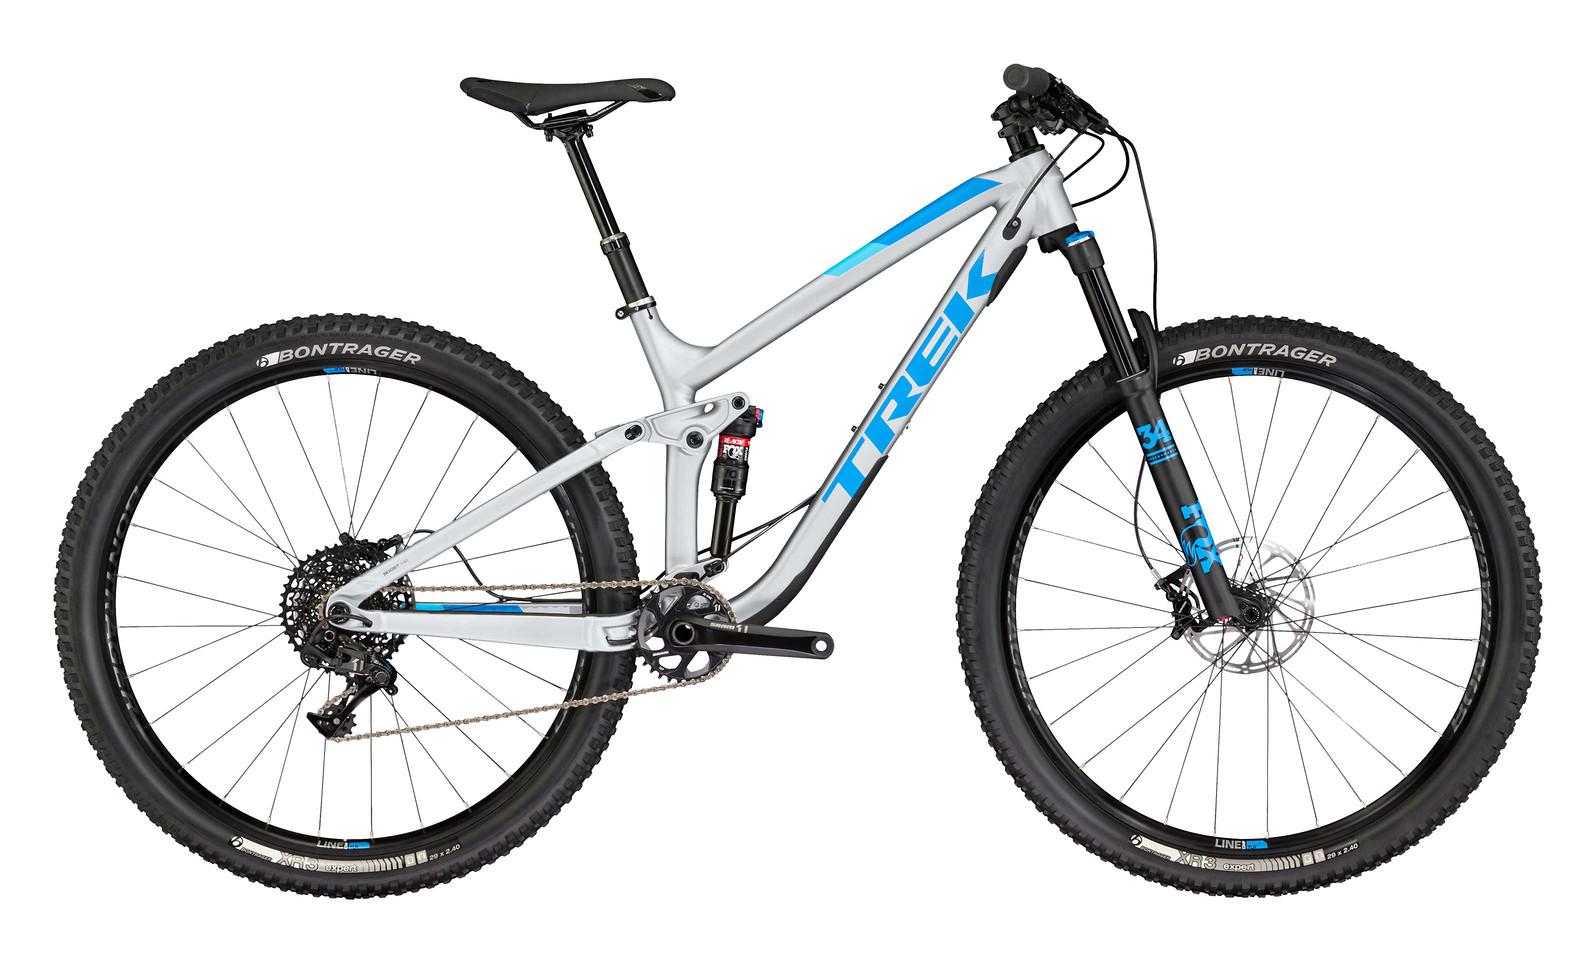 dc5ab7689aa 2017 Trek Fuel EX 9 29 Bike - Reviews, Comparisons, Specs - Mountain ...